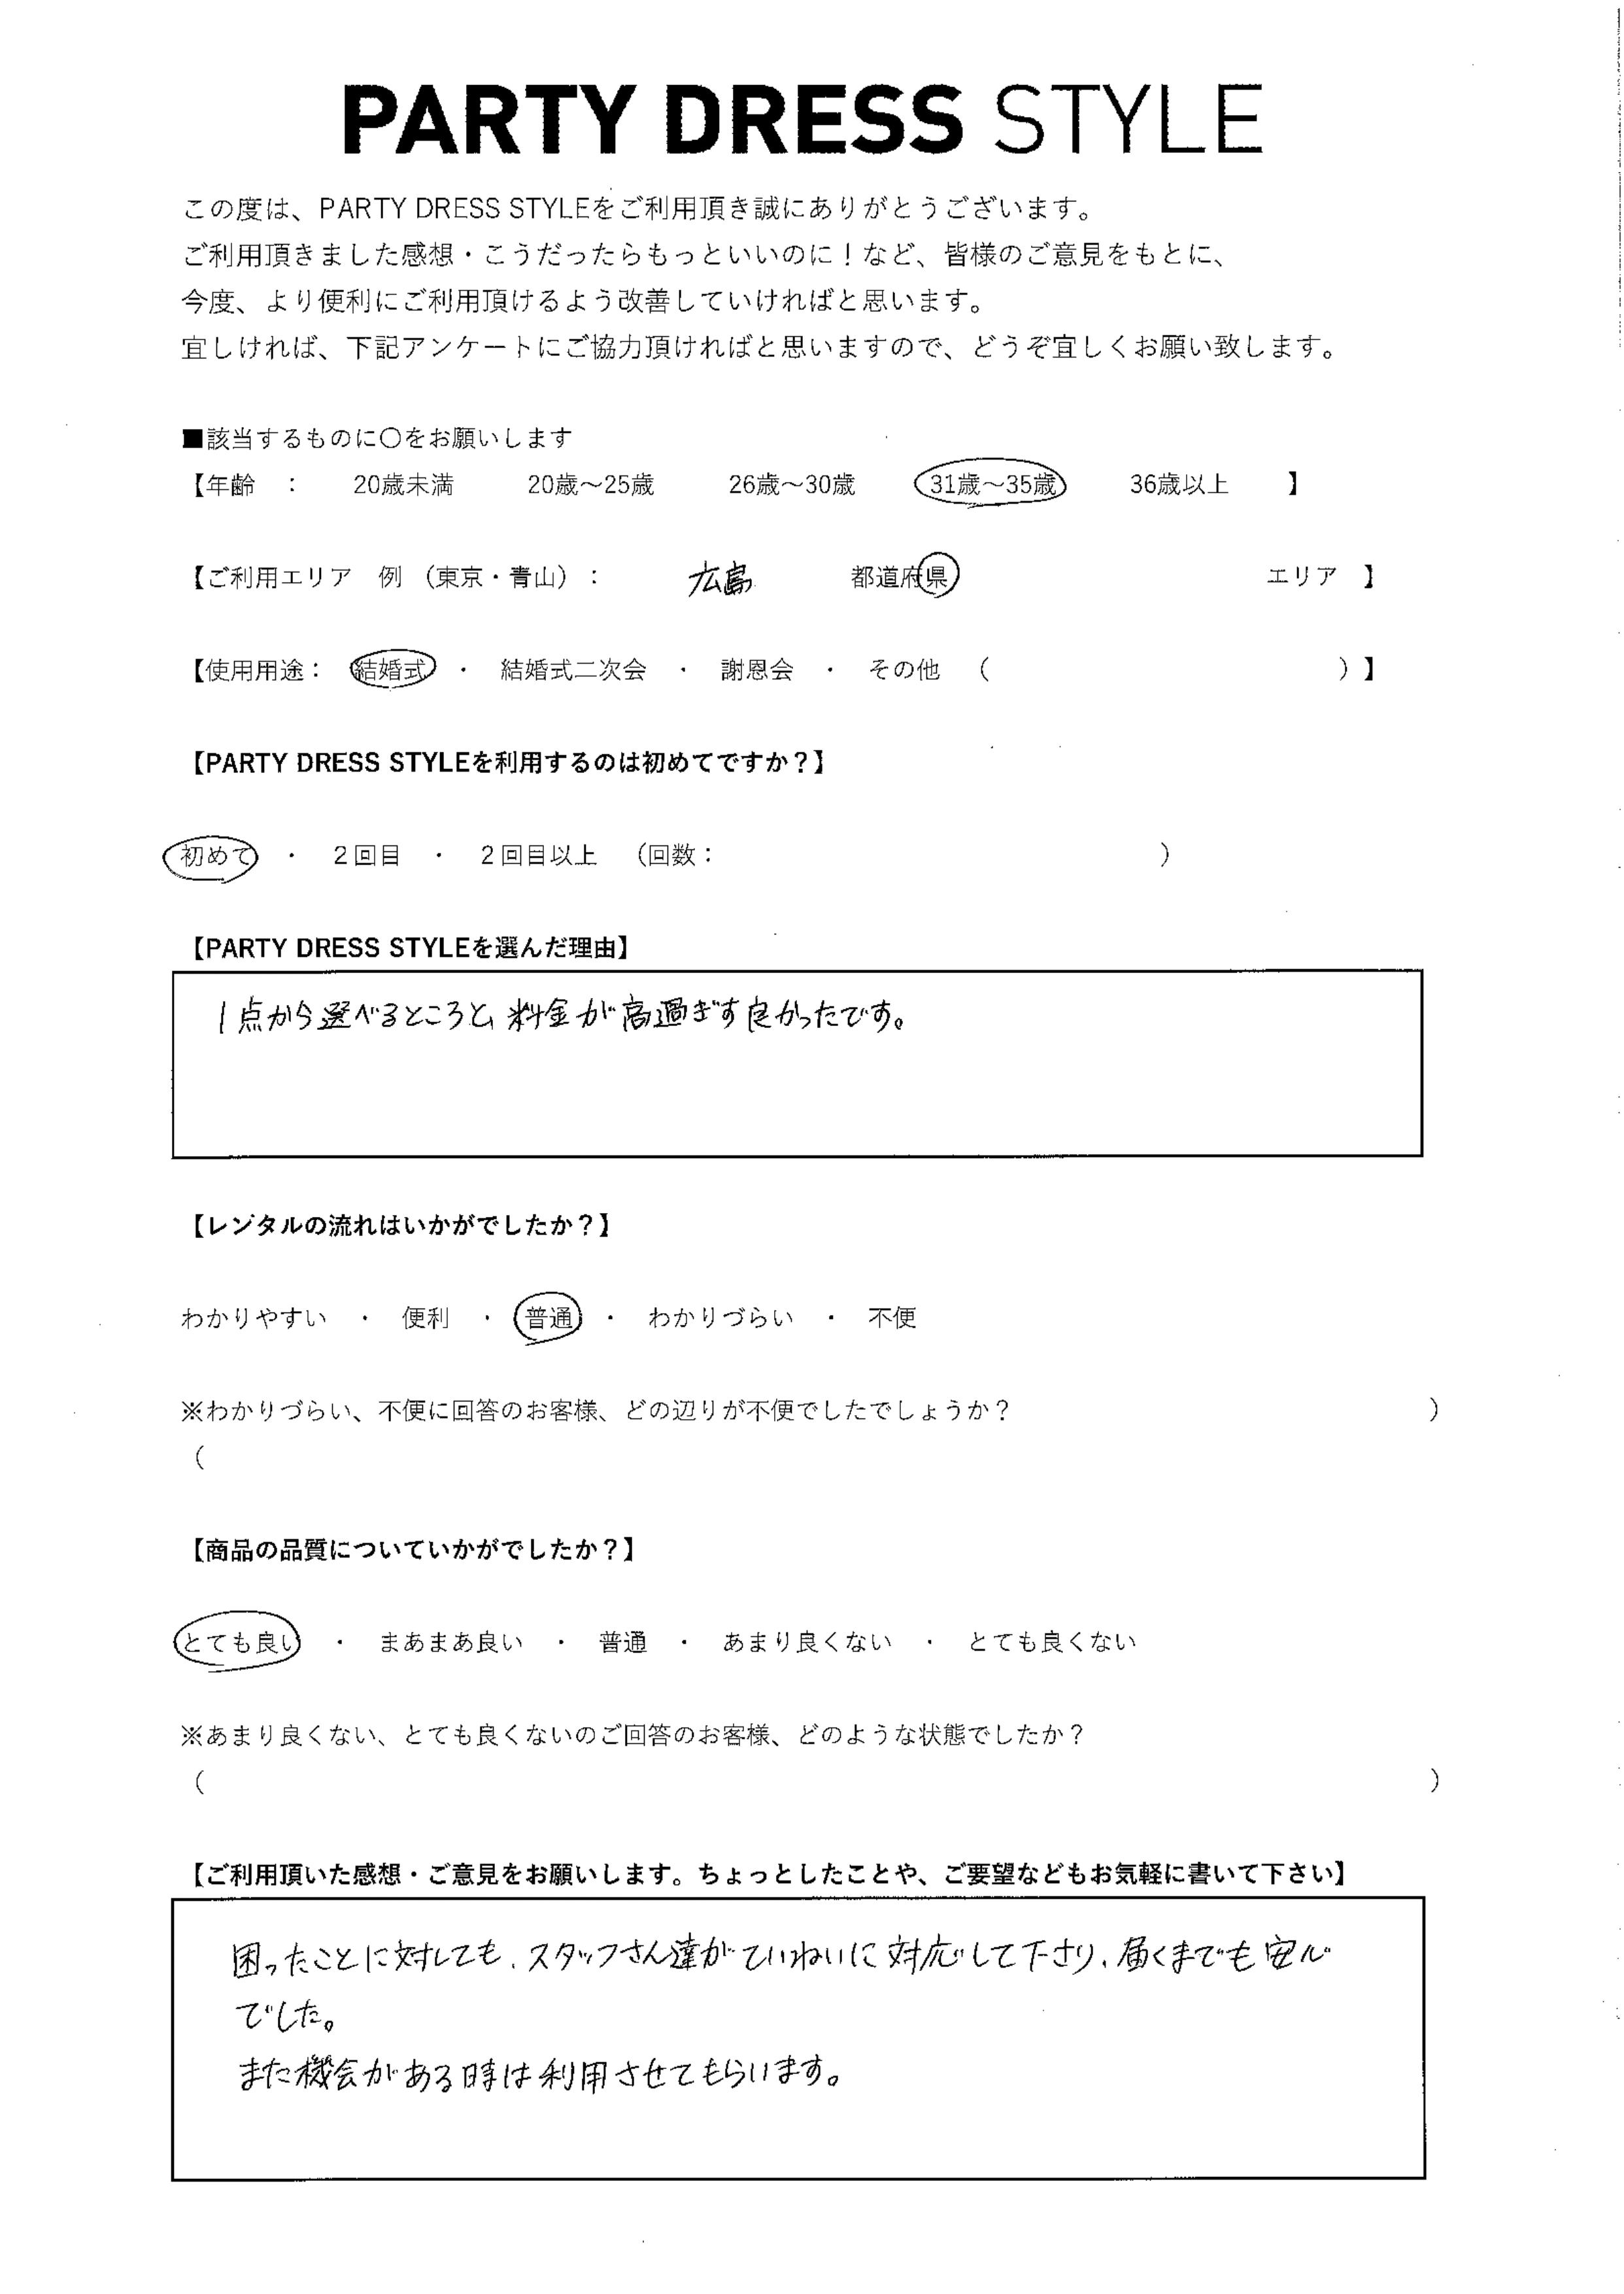 9/21結婚式 広島県利用